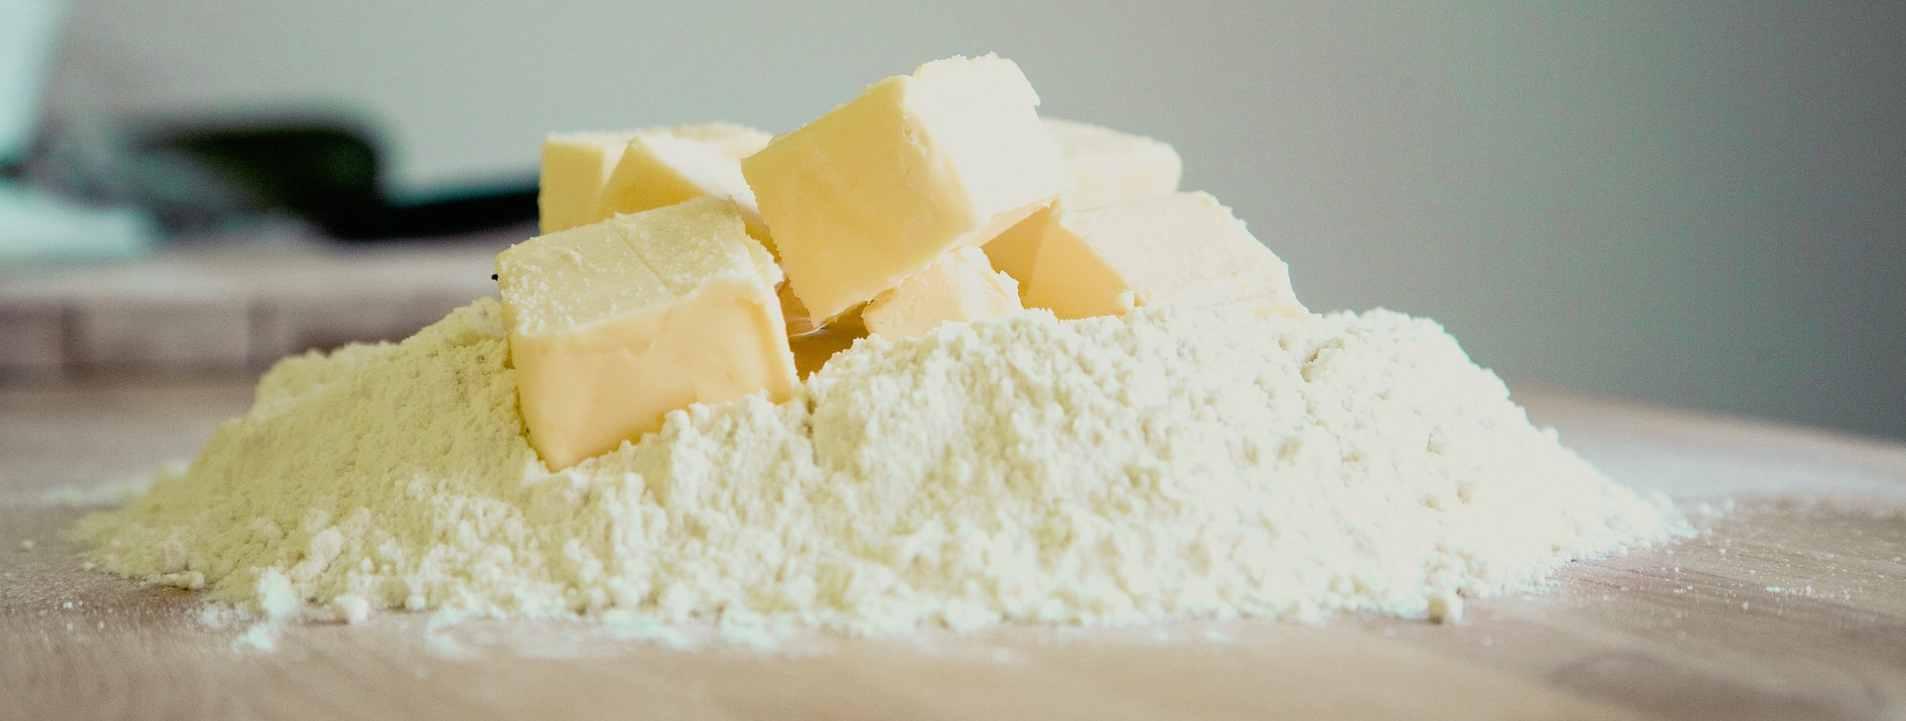 Recette du gâteau breton